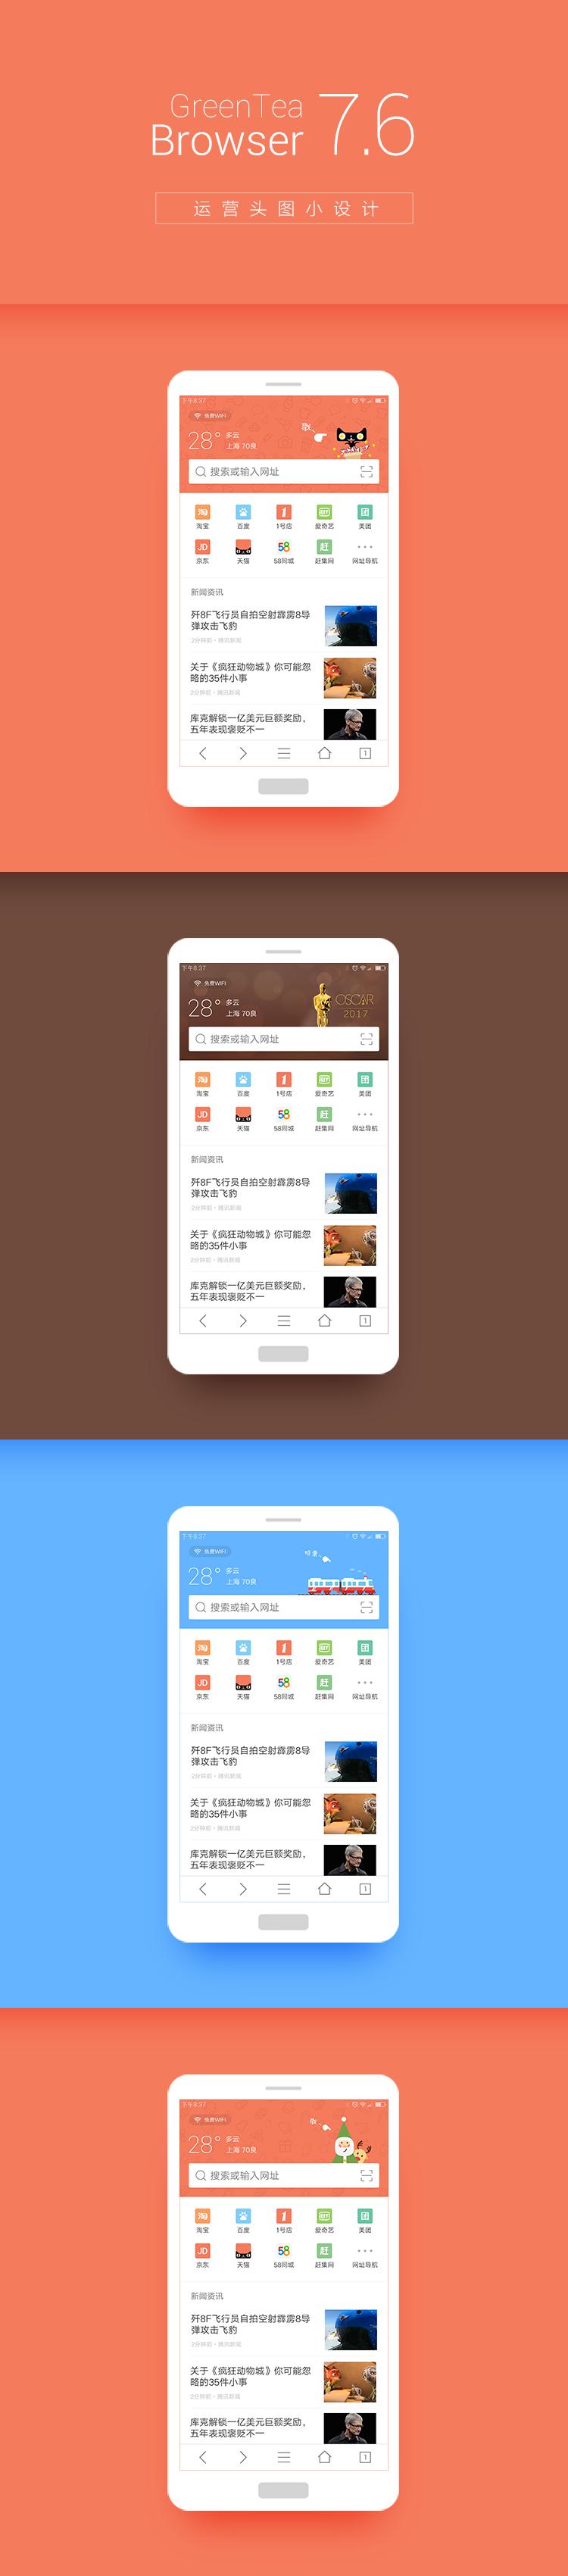 查看《绿茶浏览器7.6》原图,原图尺寸:750x3400